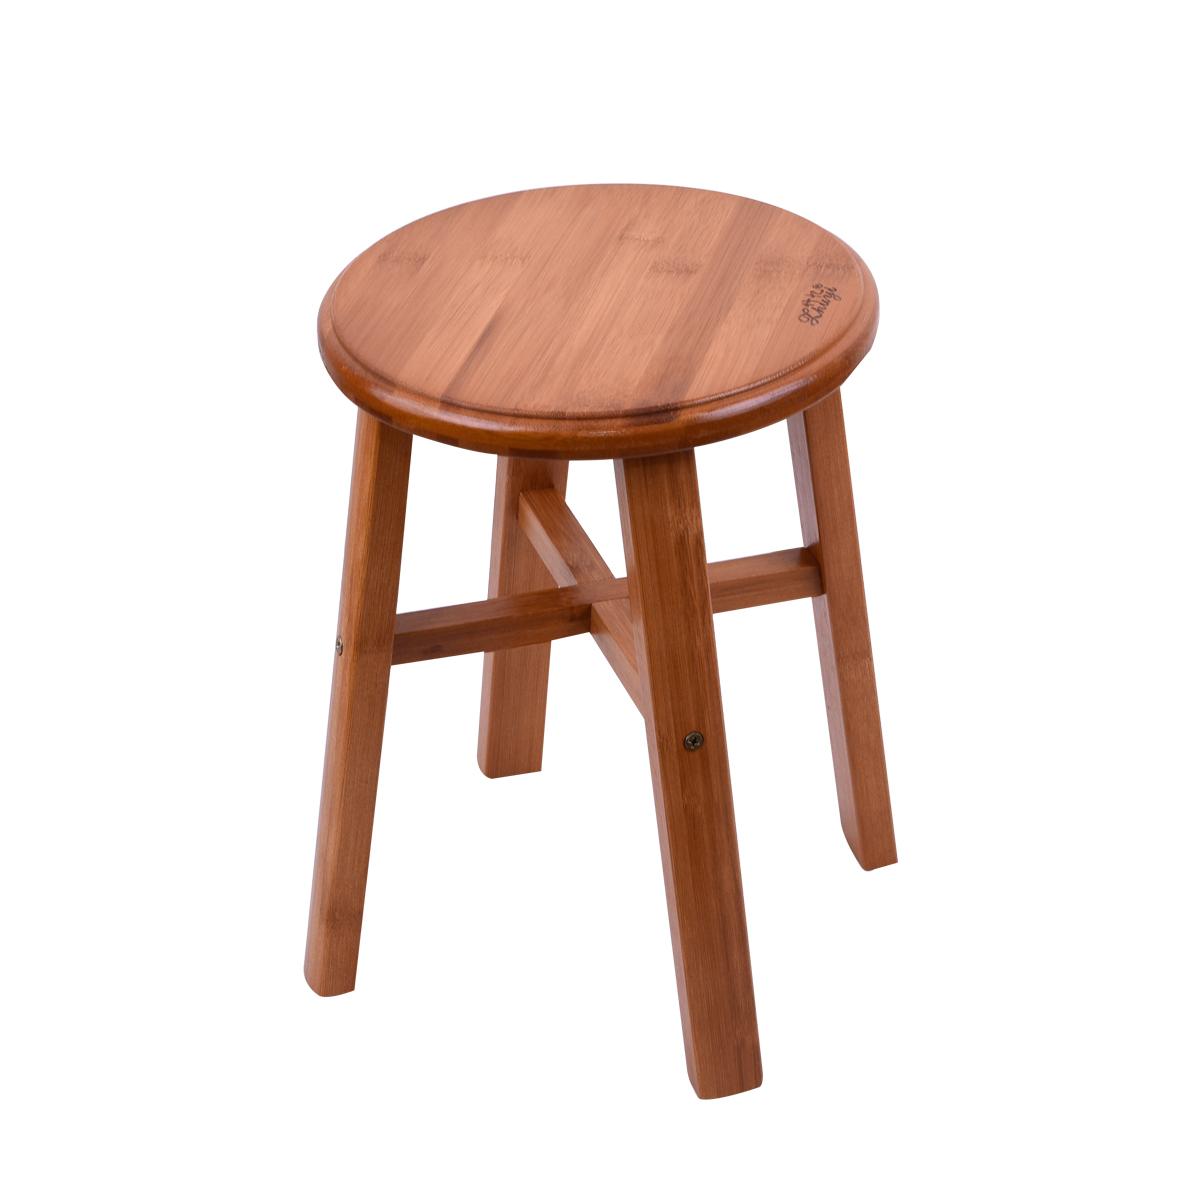 طاولة تقديم وخدمة خشب دائرية - 19527-  من ماي مارت